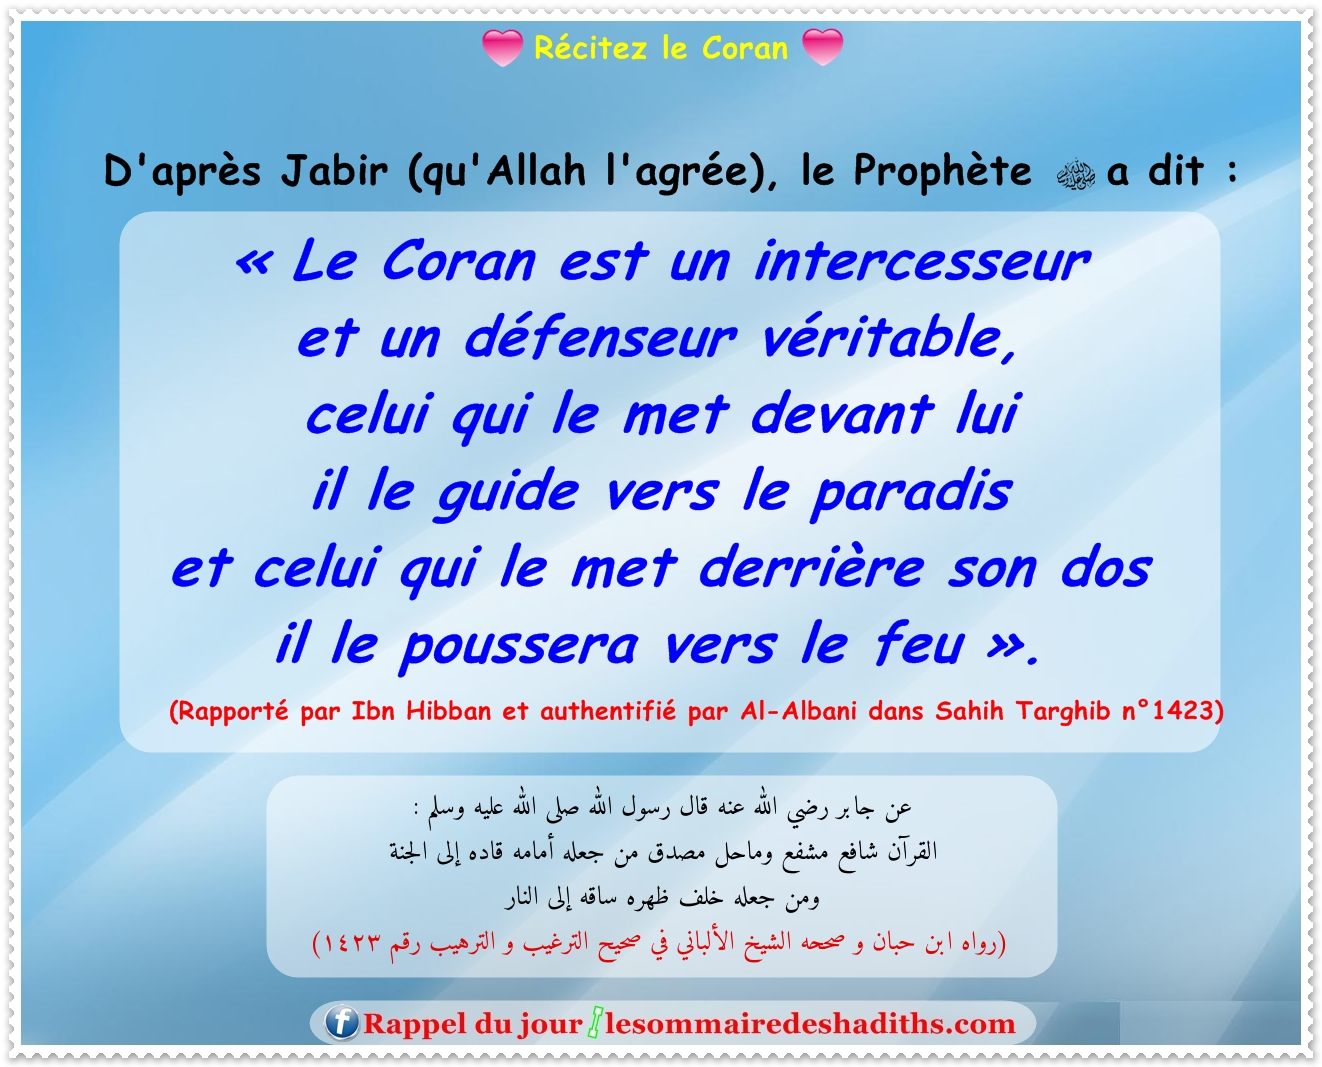 hadith Récitez le Coran (Jabir)